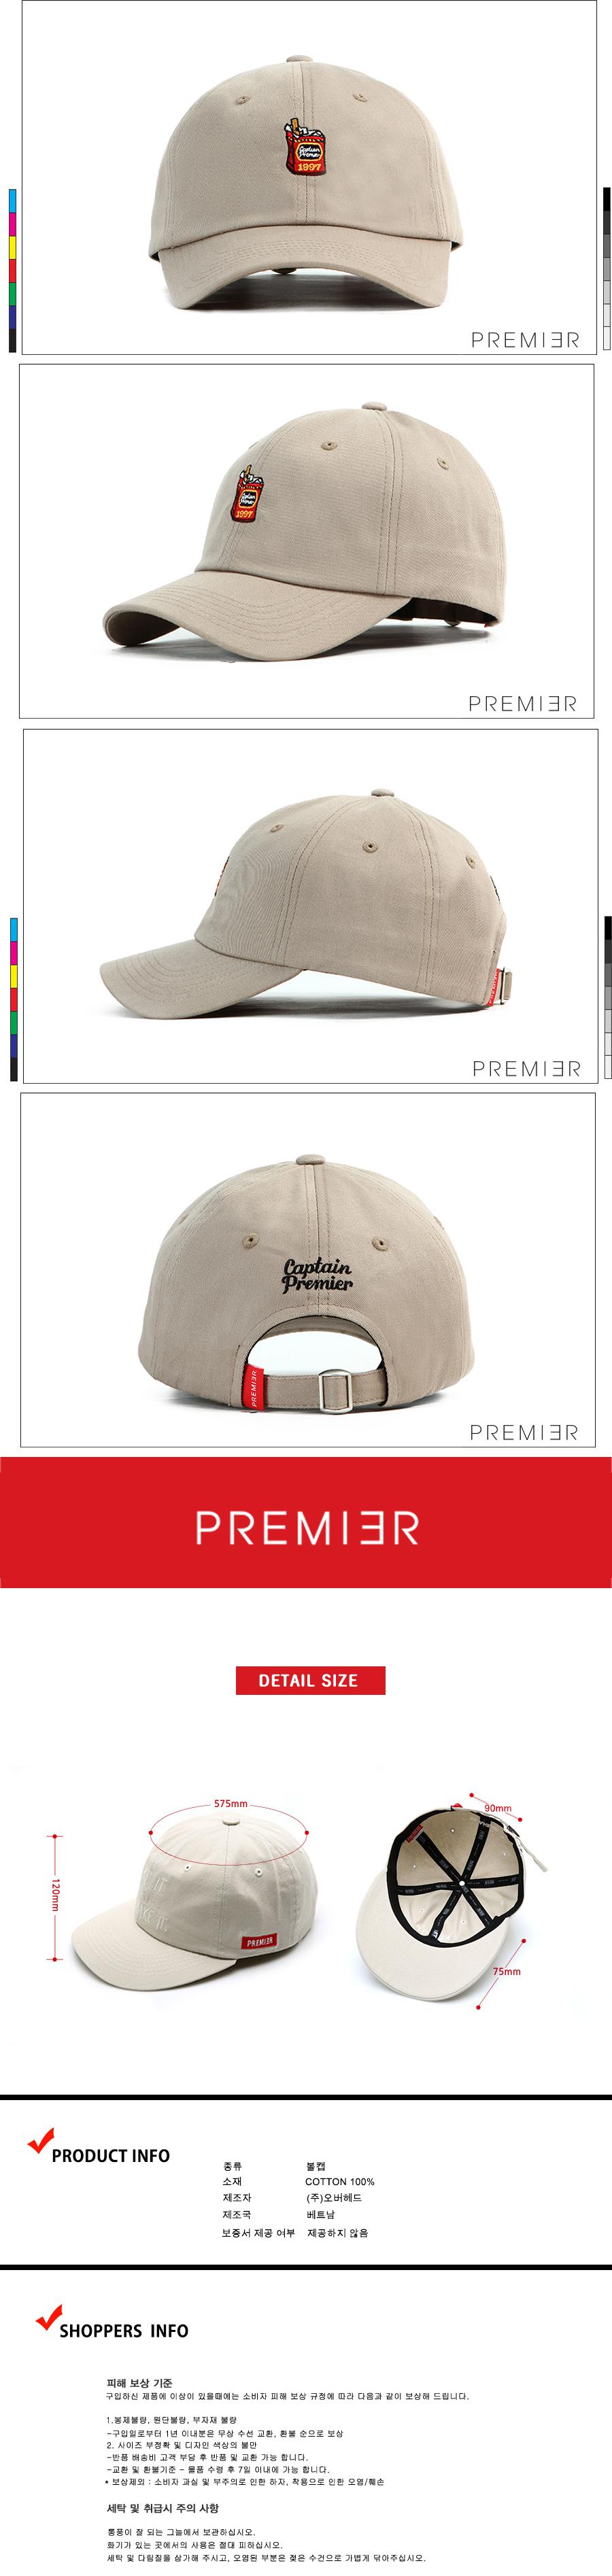 [ PREMIER ] [Premier] Ball Cap Cigarette Mud (P929)